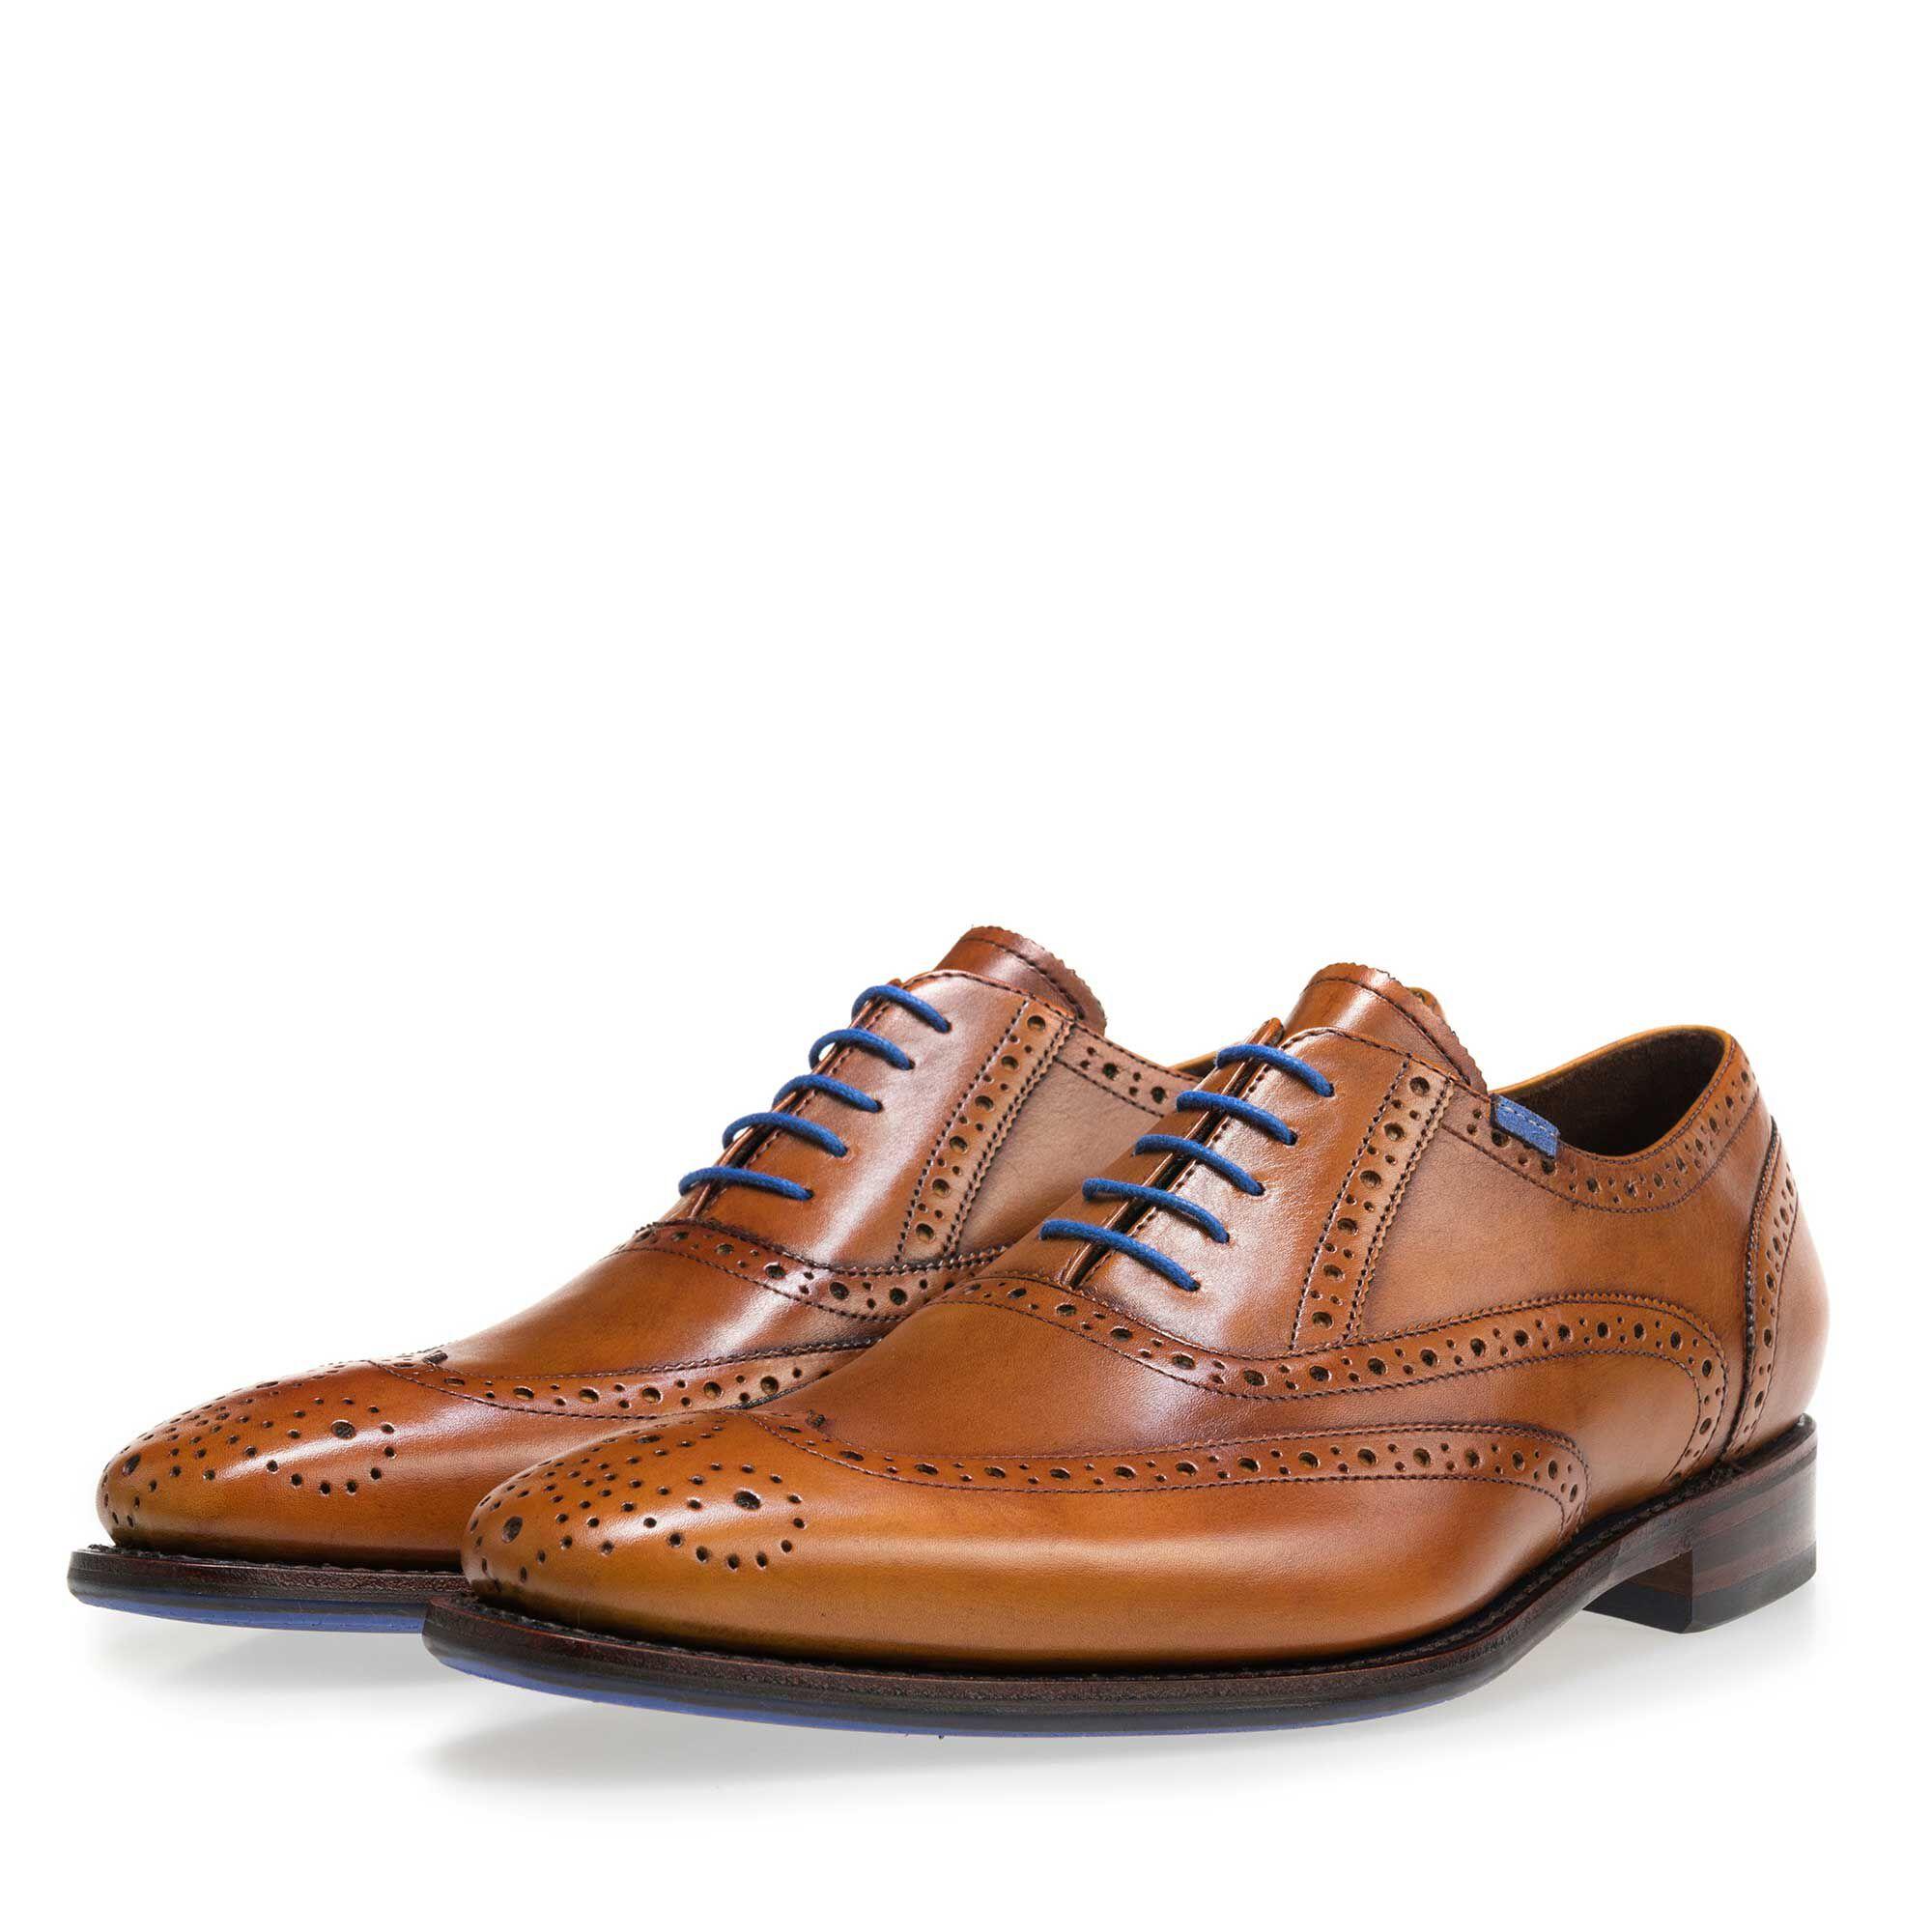 Floris van Bommel Business Schnürschuh Business Schuhe